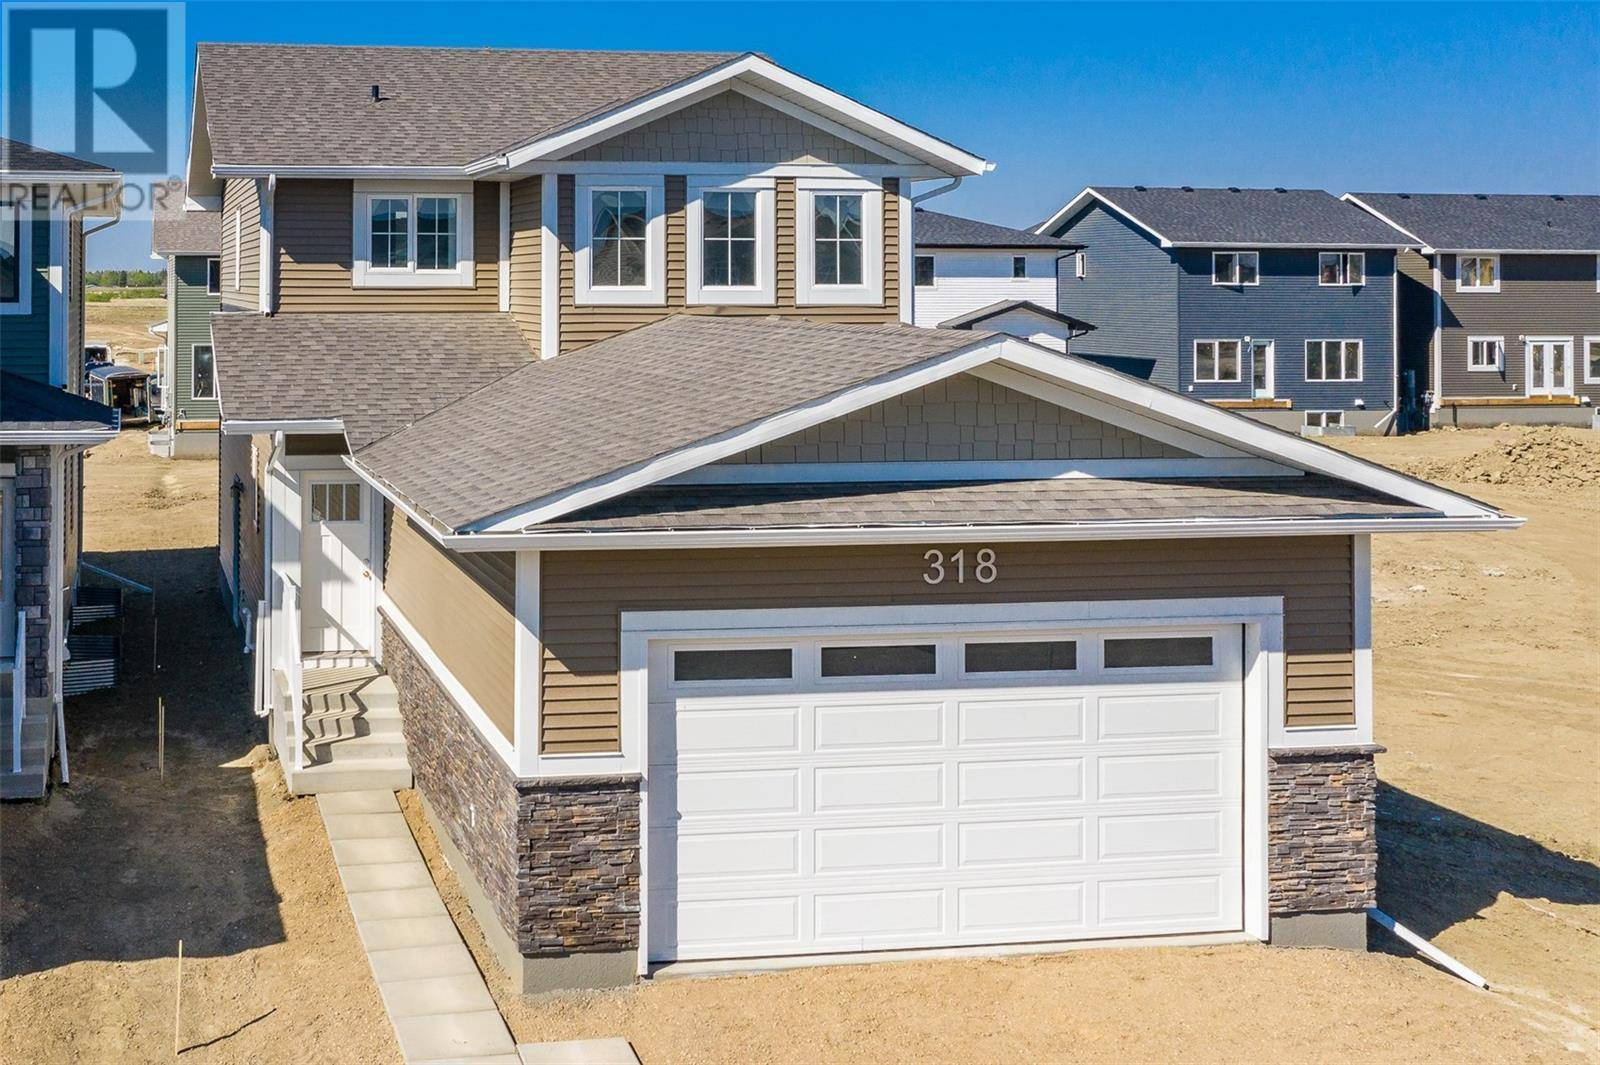 House for sale at 318 Germain Mnr  Saskatoon Saskatchewan - MLS: SK792611